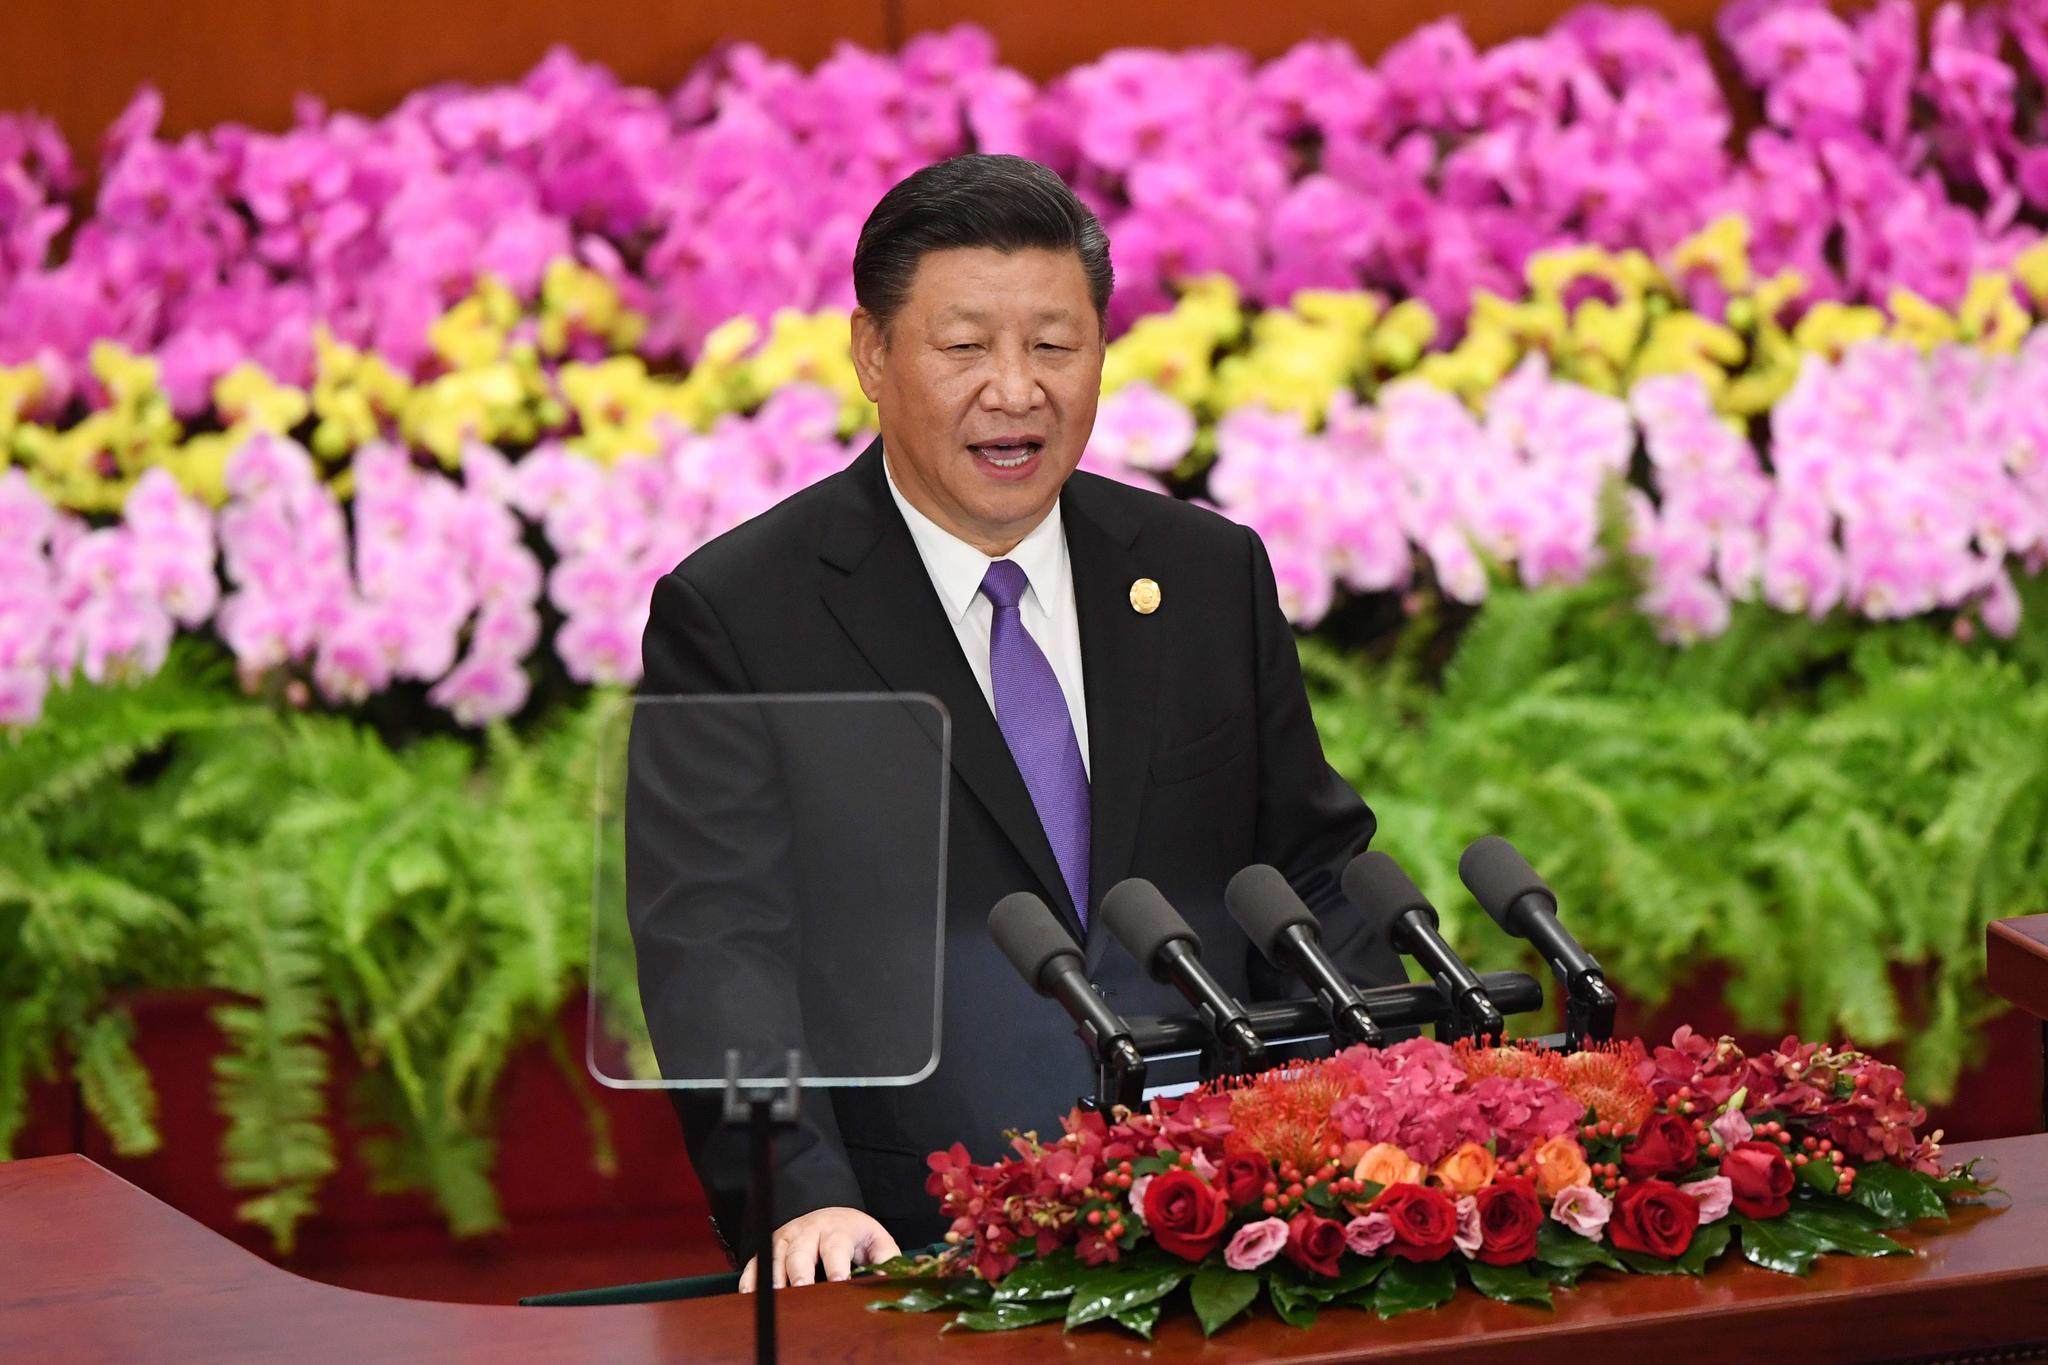 시진핑 중국 국가 주석이 3일 베이징 인민대회당에서 열린 중국-아프리카 협력 정상회의에 참석해 기조연설하고 있다. [AFP=연합뉴스]